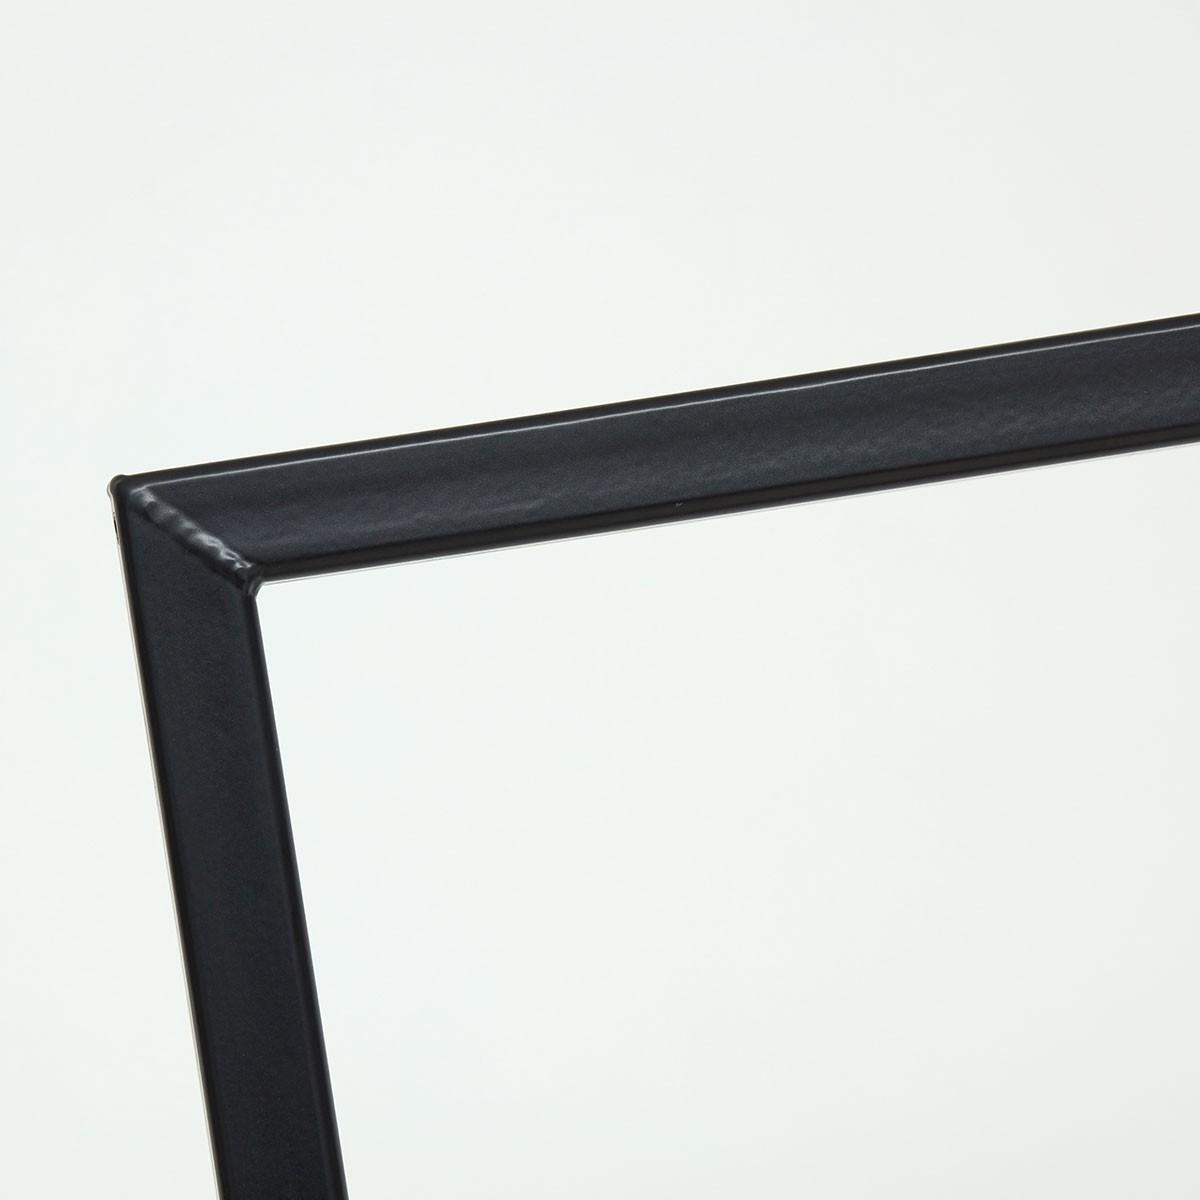 Industrial Design Kleiderständer - skandinavisch geschweisst & schwarz pulverbeschichtet - Garderobenständer SIMPLE LOVE